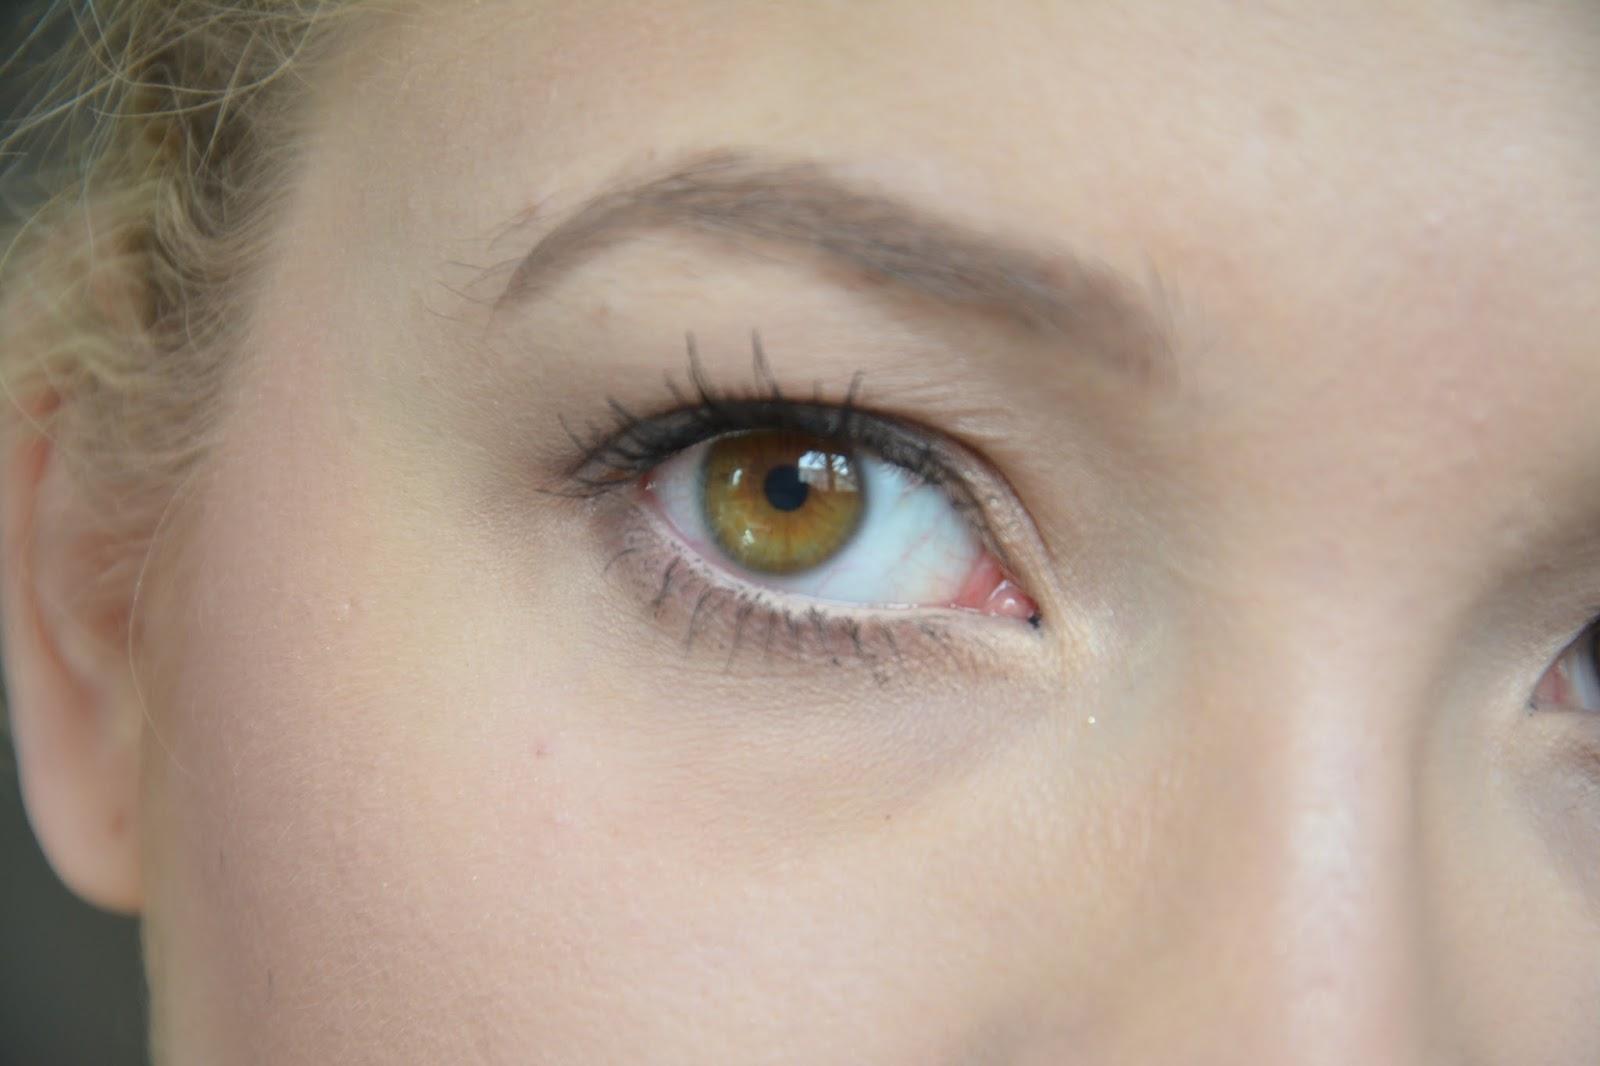 Mettre ses lentilles : très facile avec un peu d'entrainement